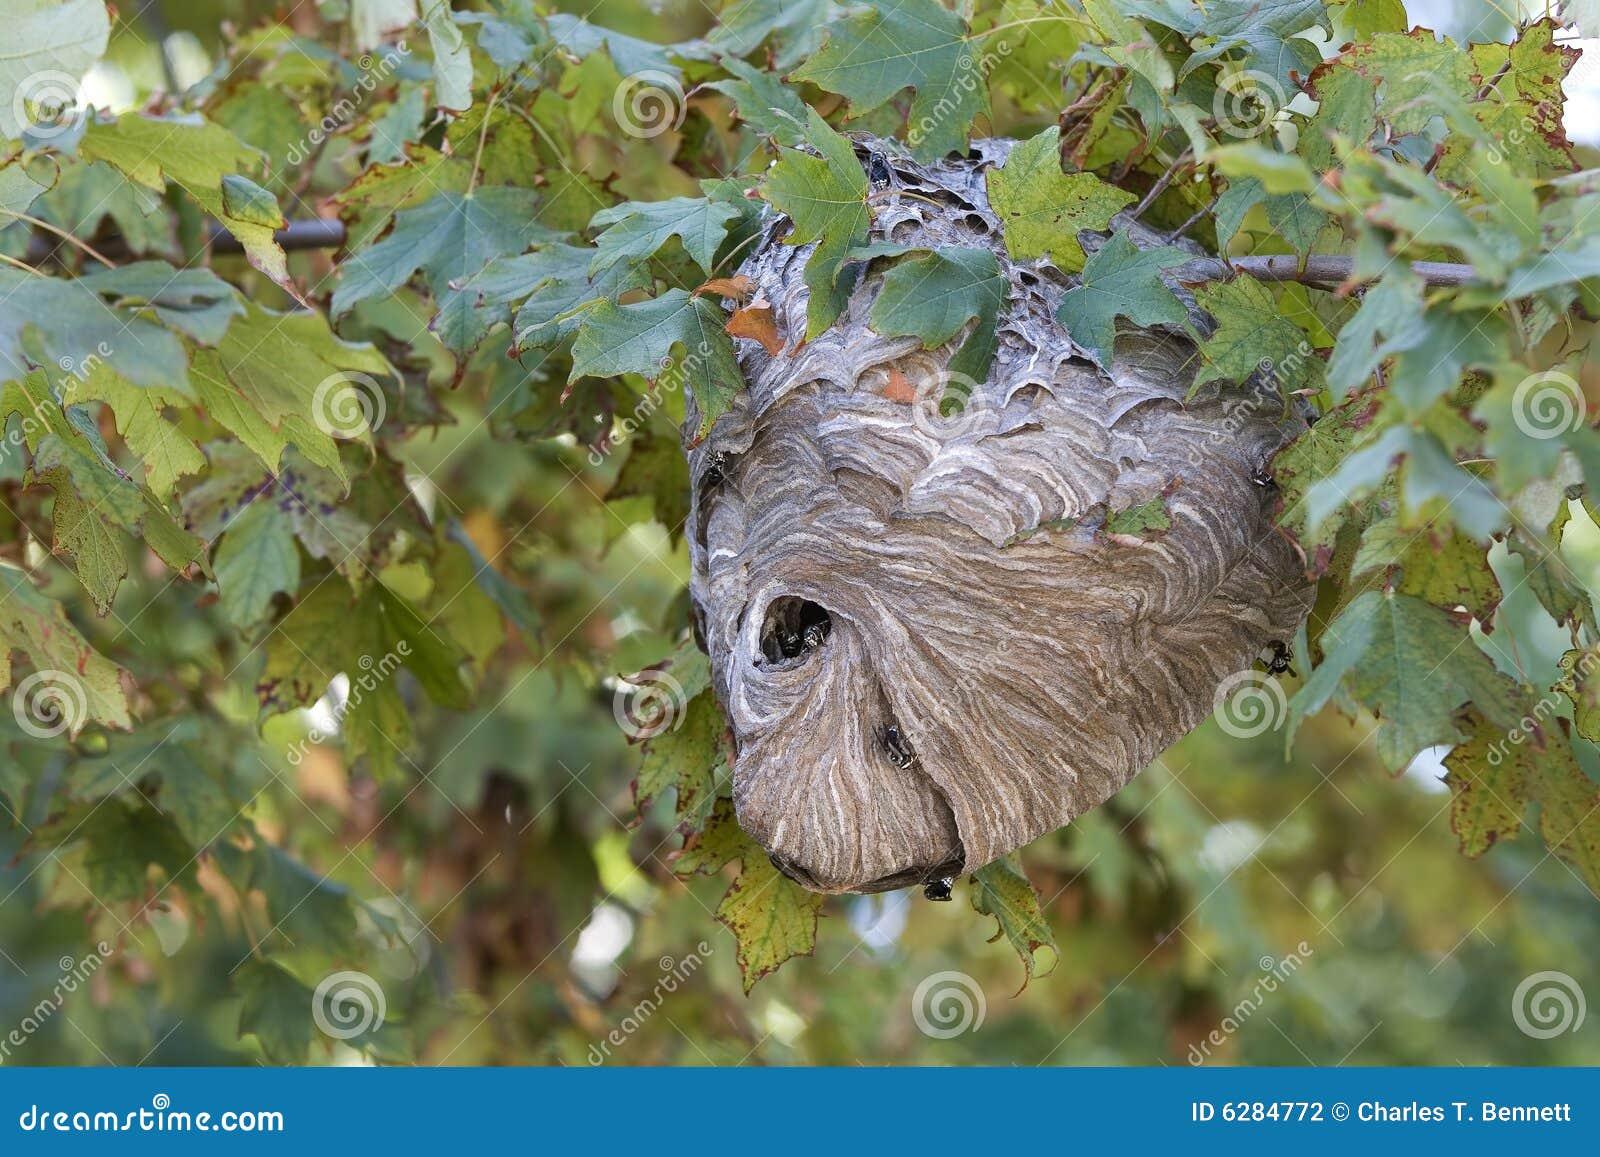 Nest der aktiven hornisse das in einem ahornholzbaum aufgebaut wird